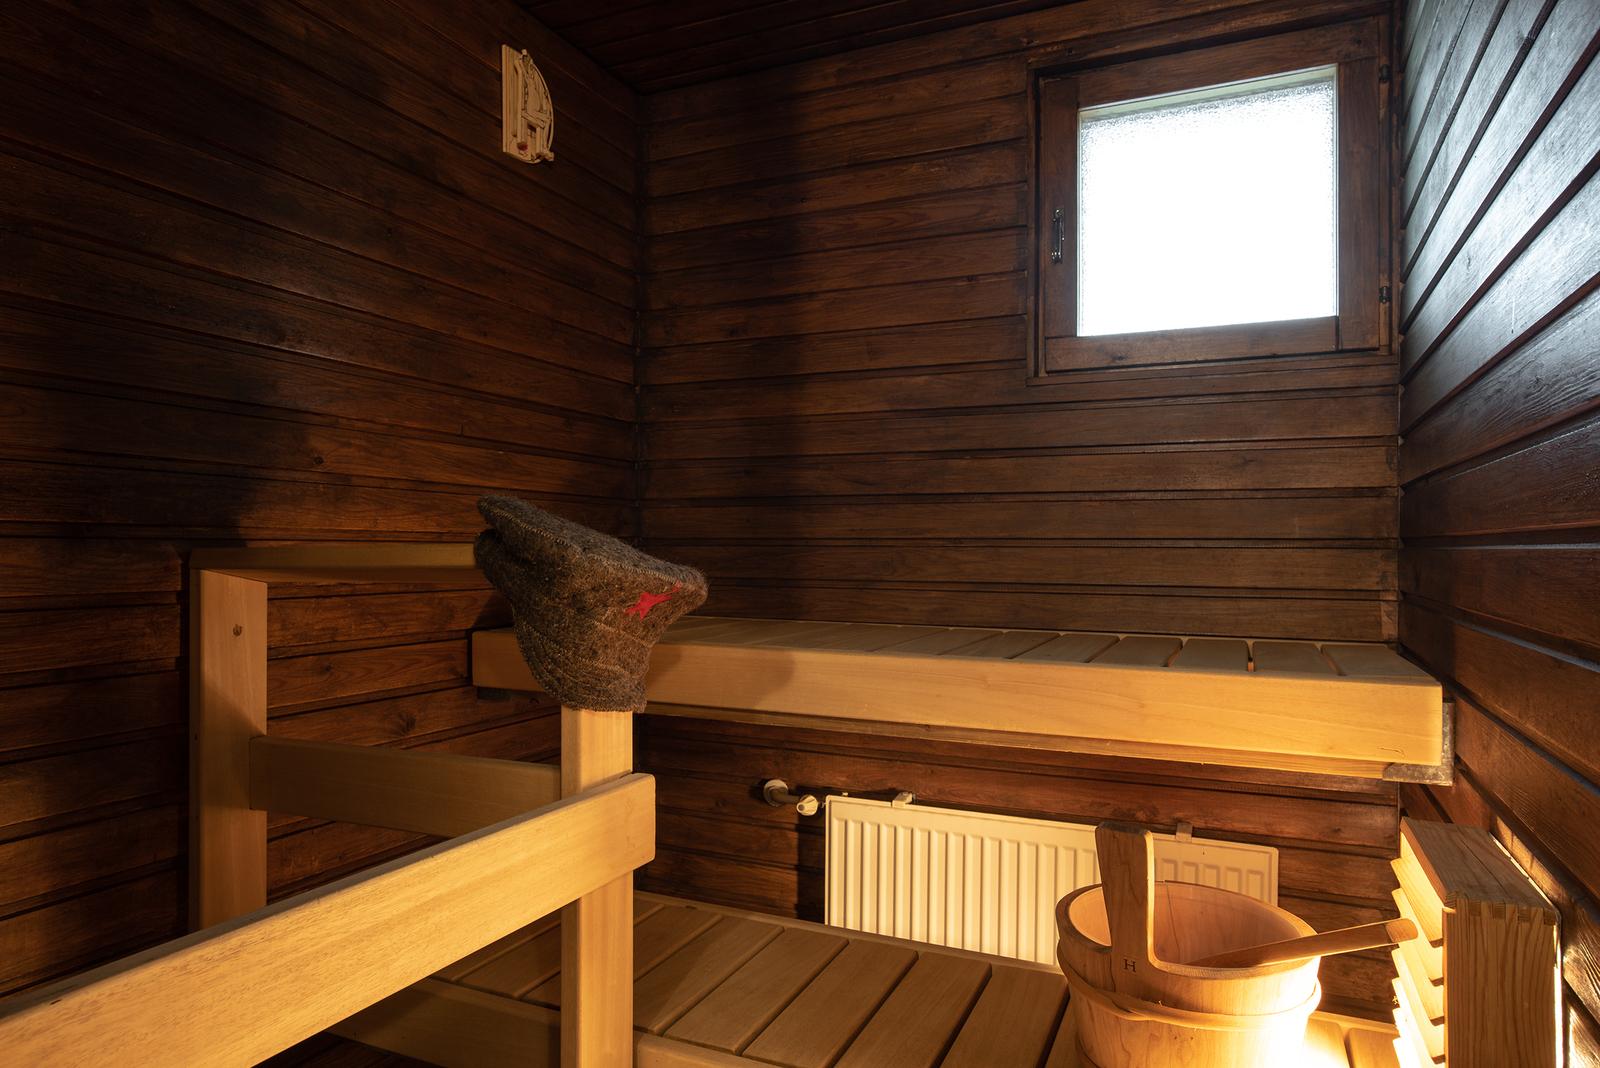 Tumman tunnelmallinen sauna/ Mörk och mysig bastu